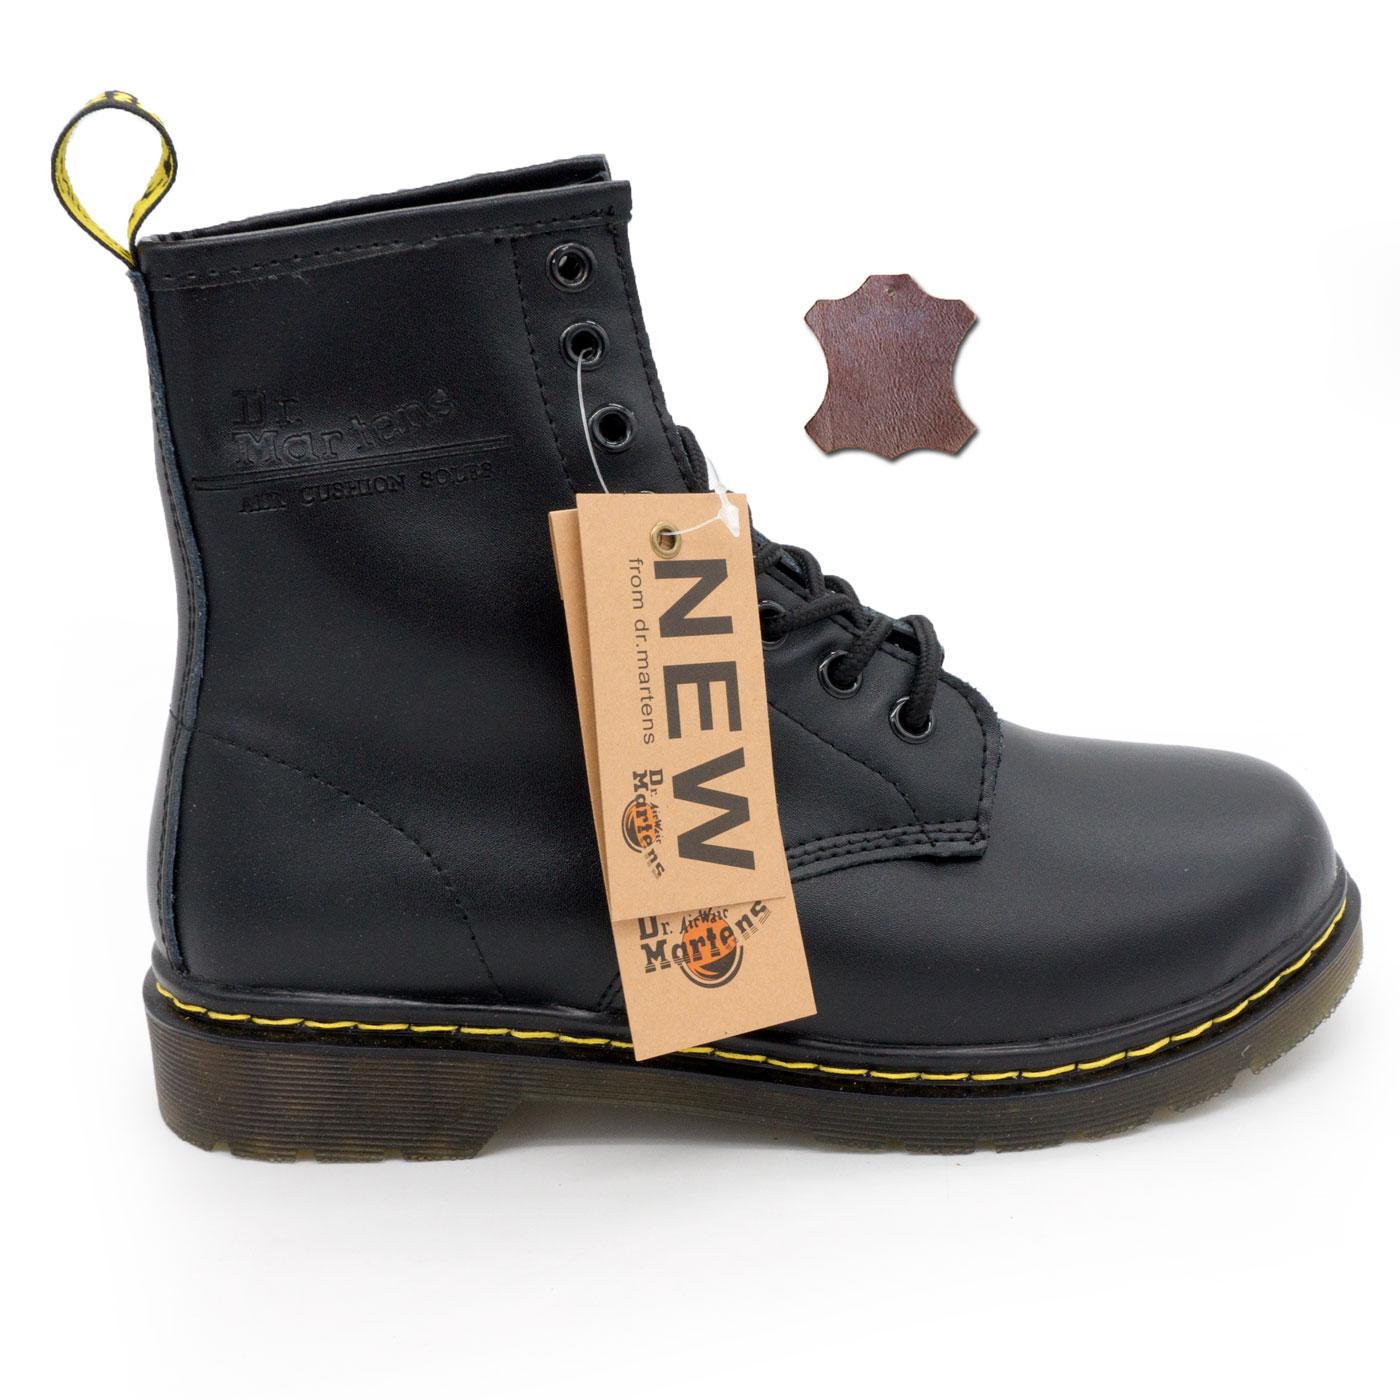 фото main Черные женские ботинки в Dr. Martens, натуральная гладкая кожа - Топ качество! main